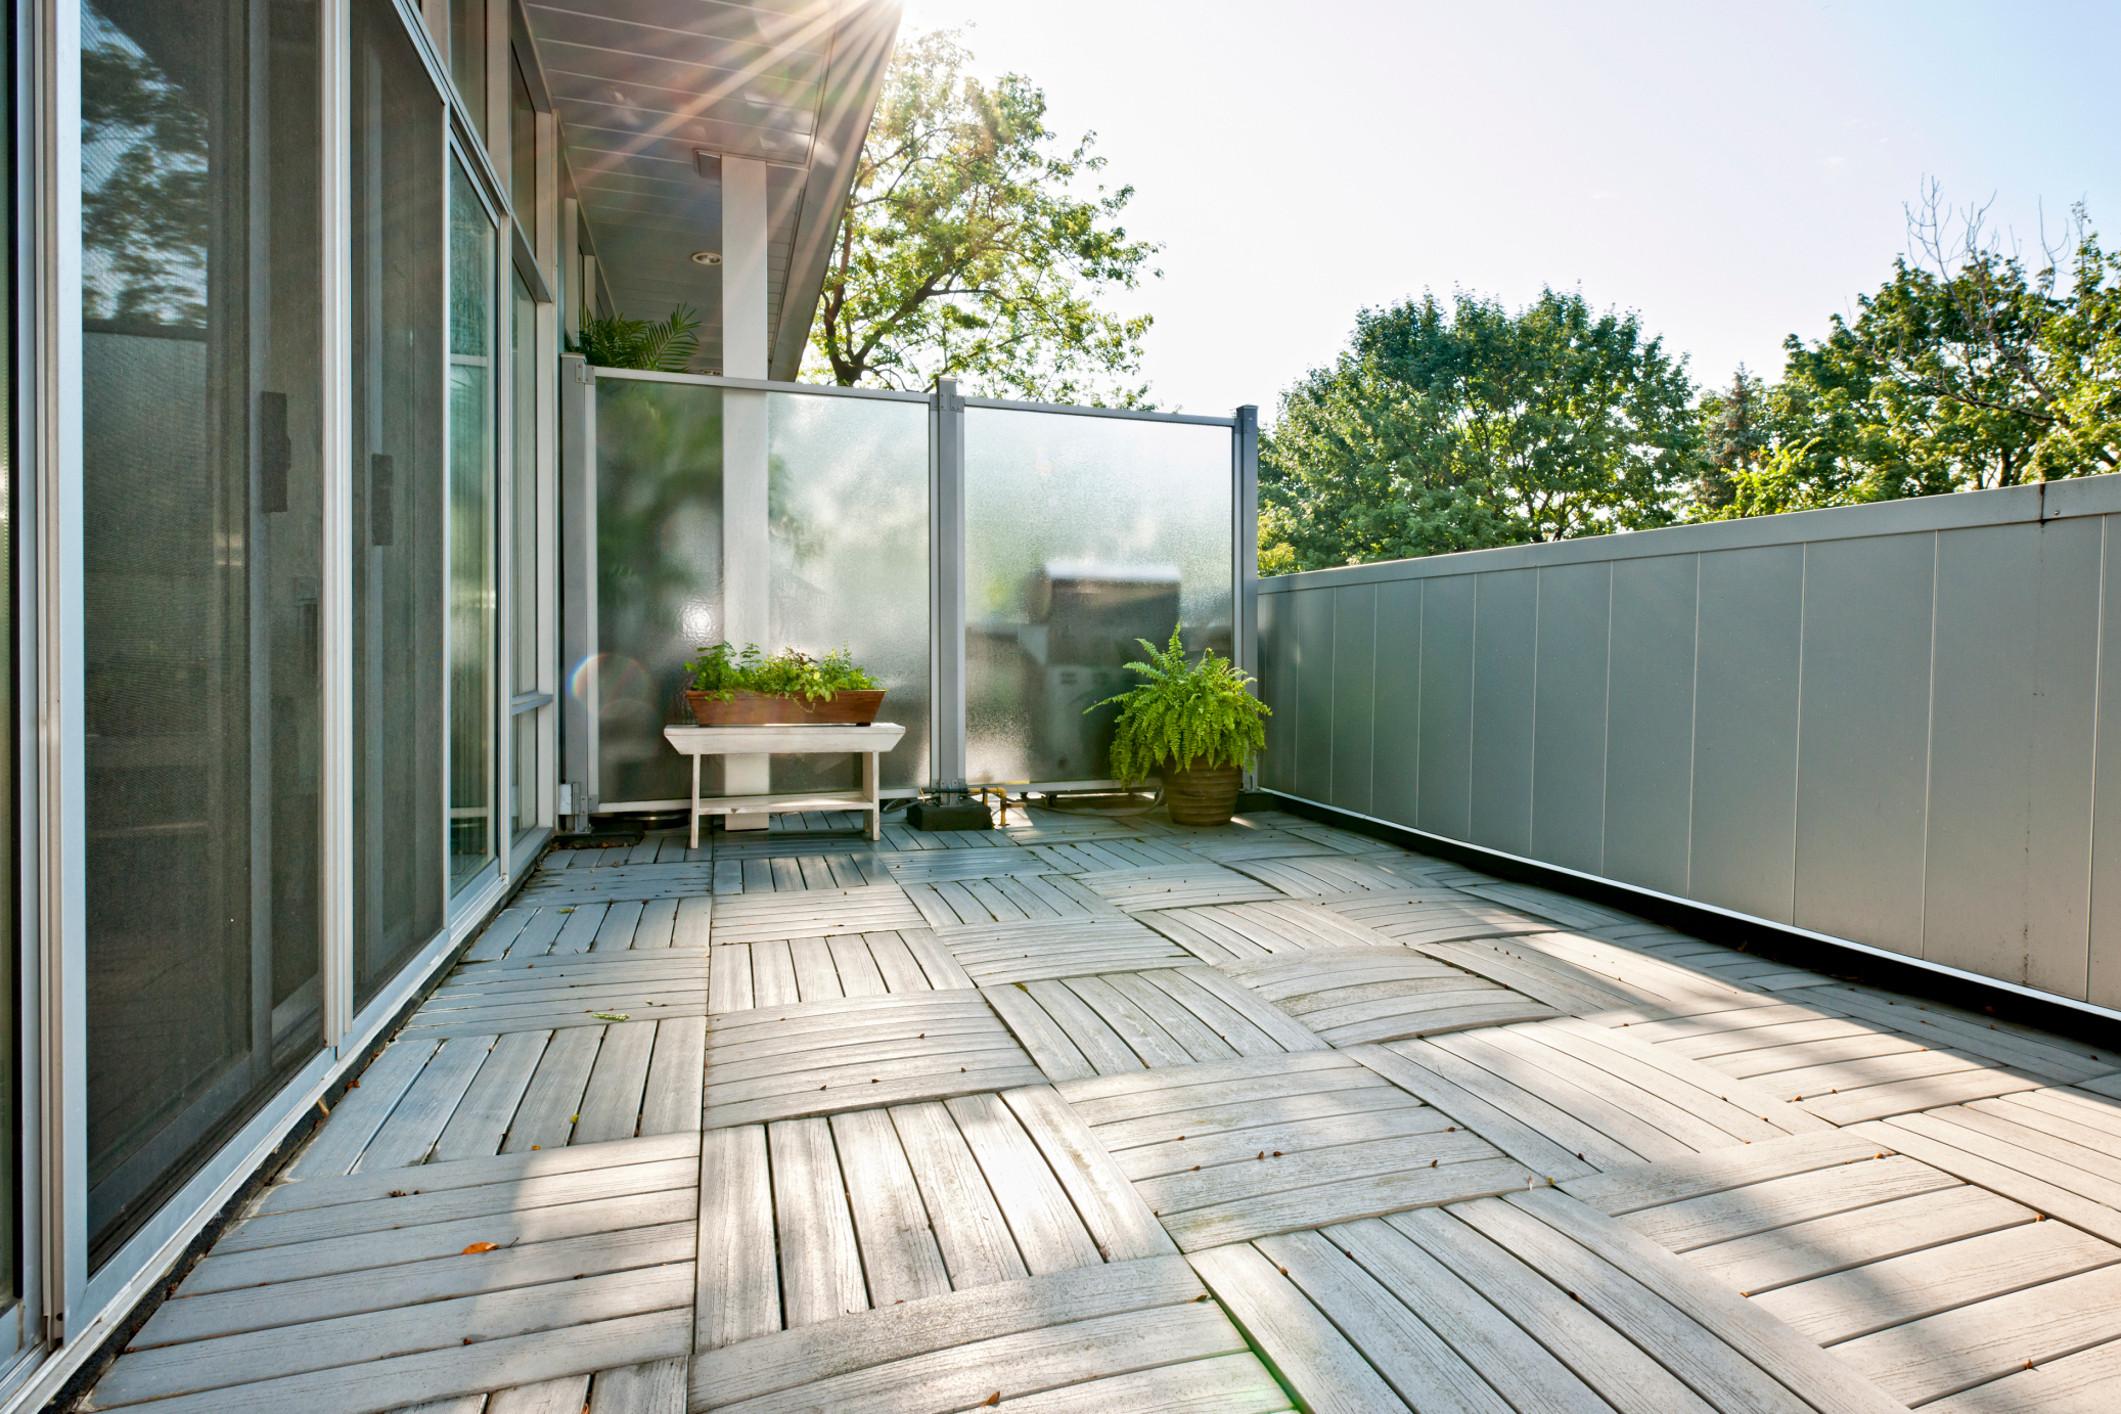 brise-vue balcon design pour rester loin des regards curieux